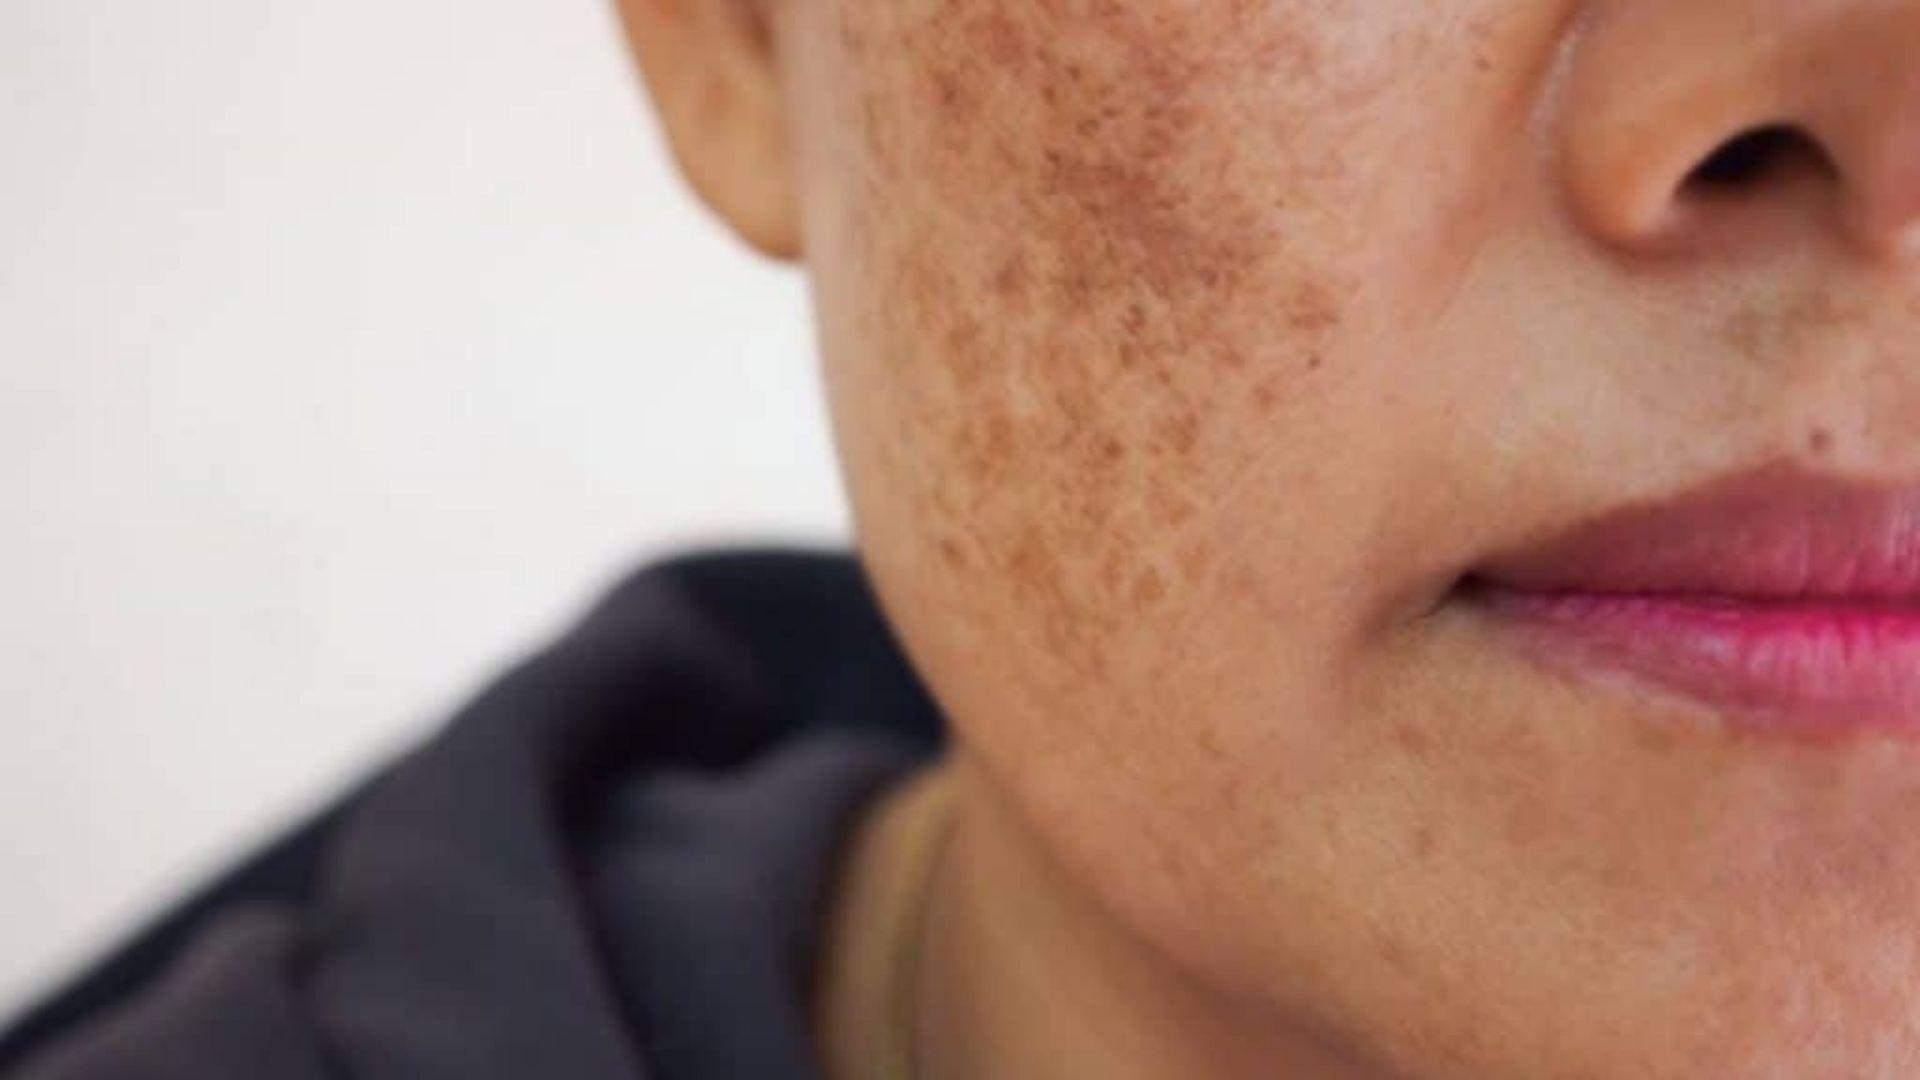 Tác dụng phụ biểu hiện trên da khi trị nám